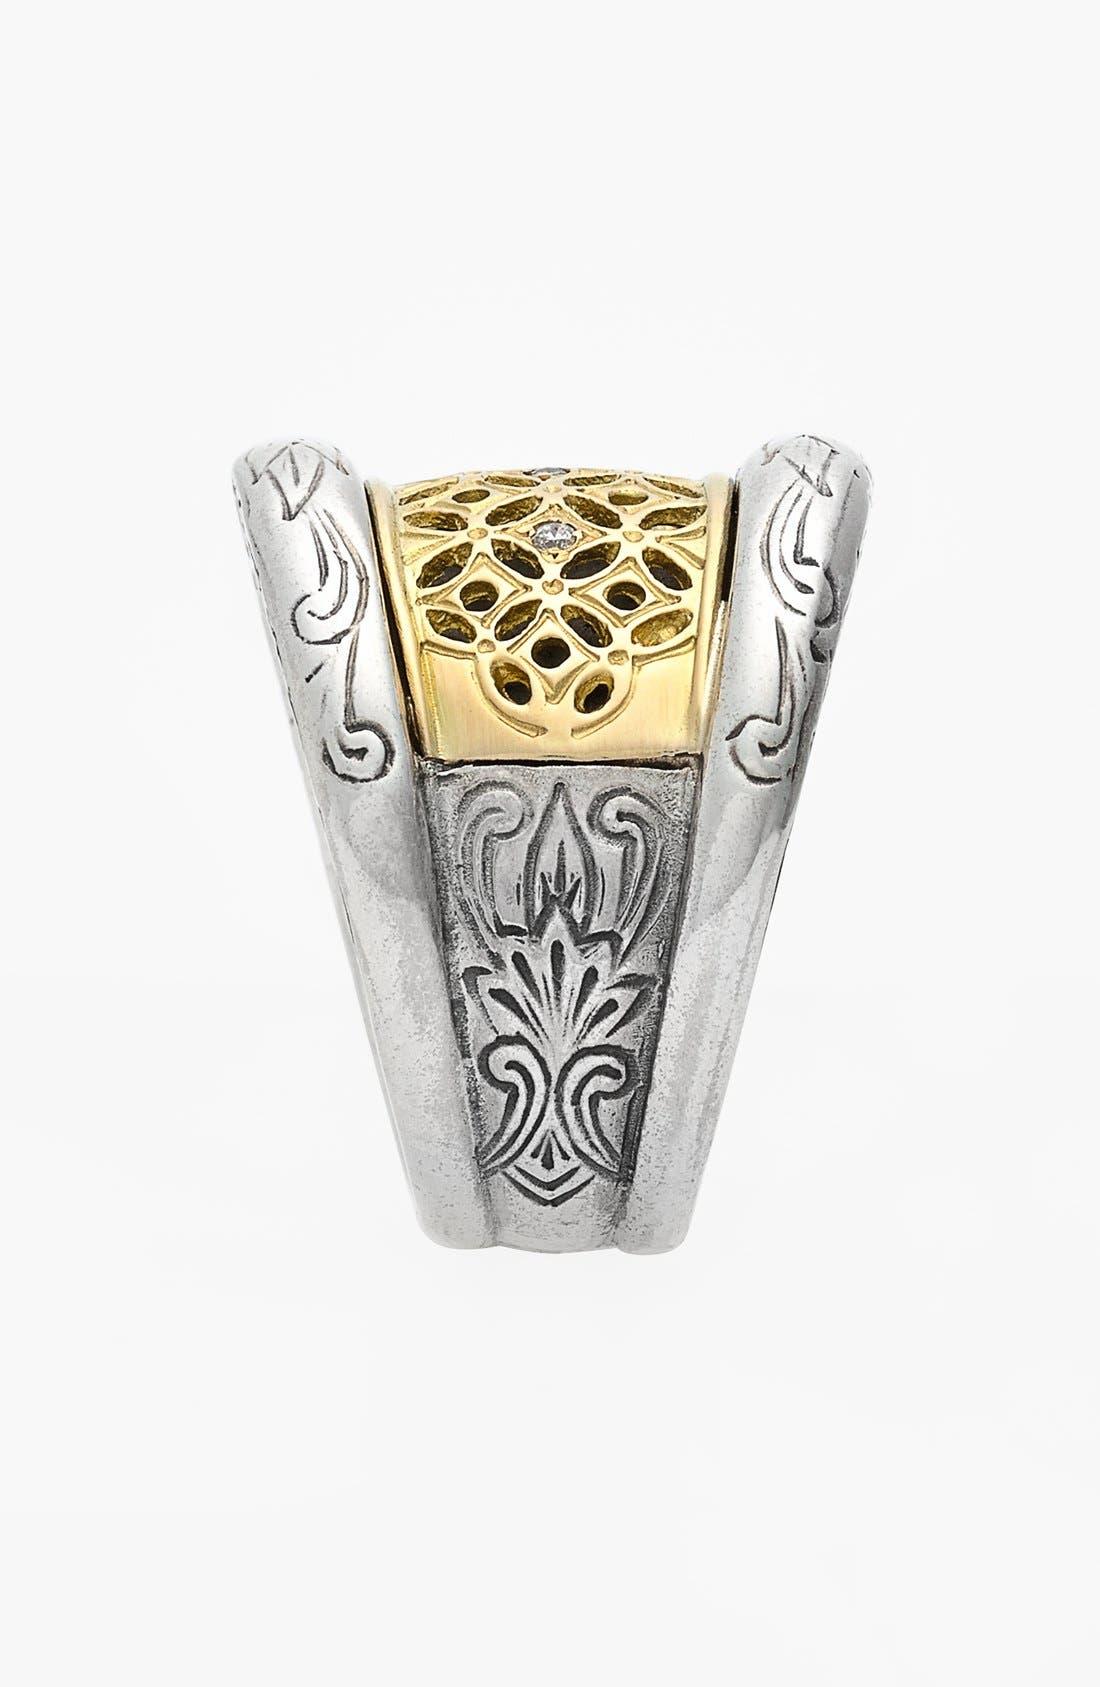 'Diamond Classics' Diamond Filigree Ring,                             Alternate thumbnail 2, color,                             Silver/ Gold